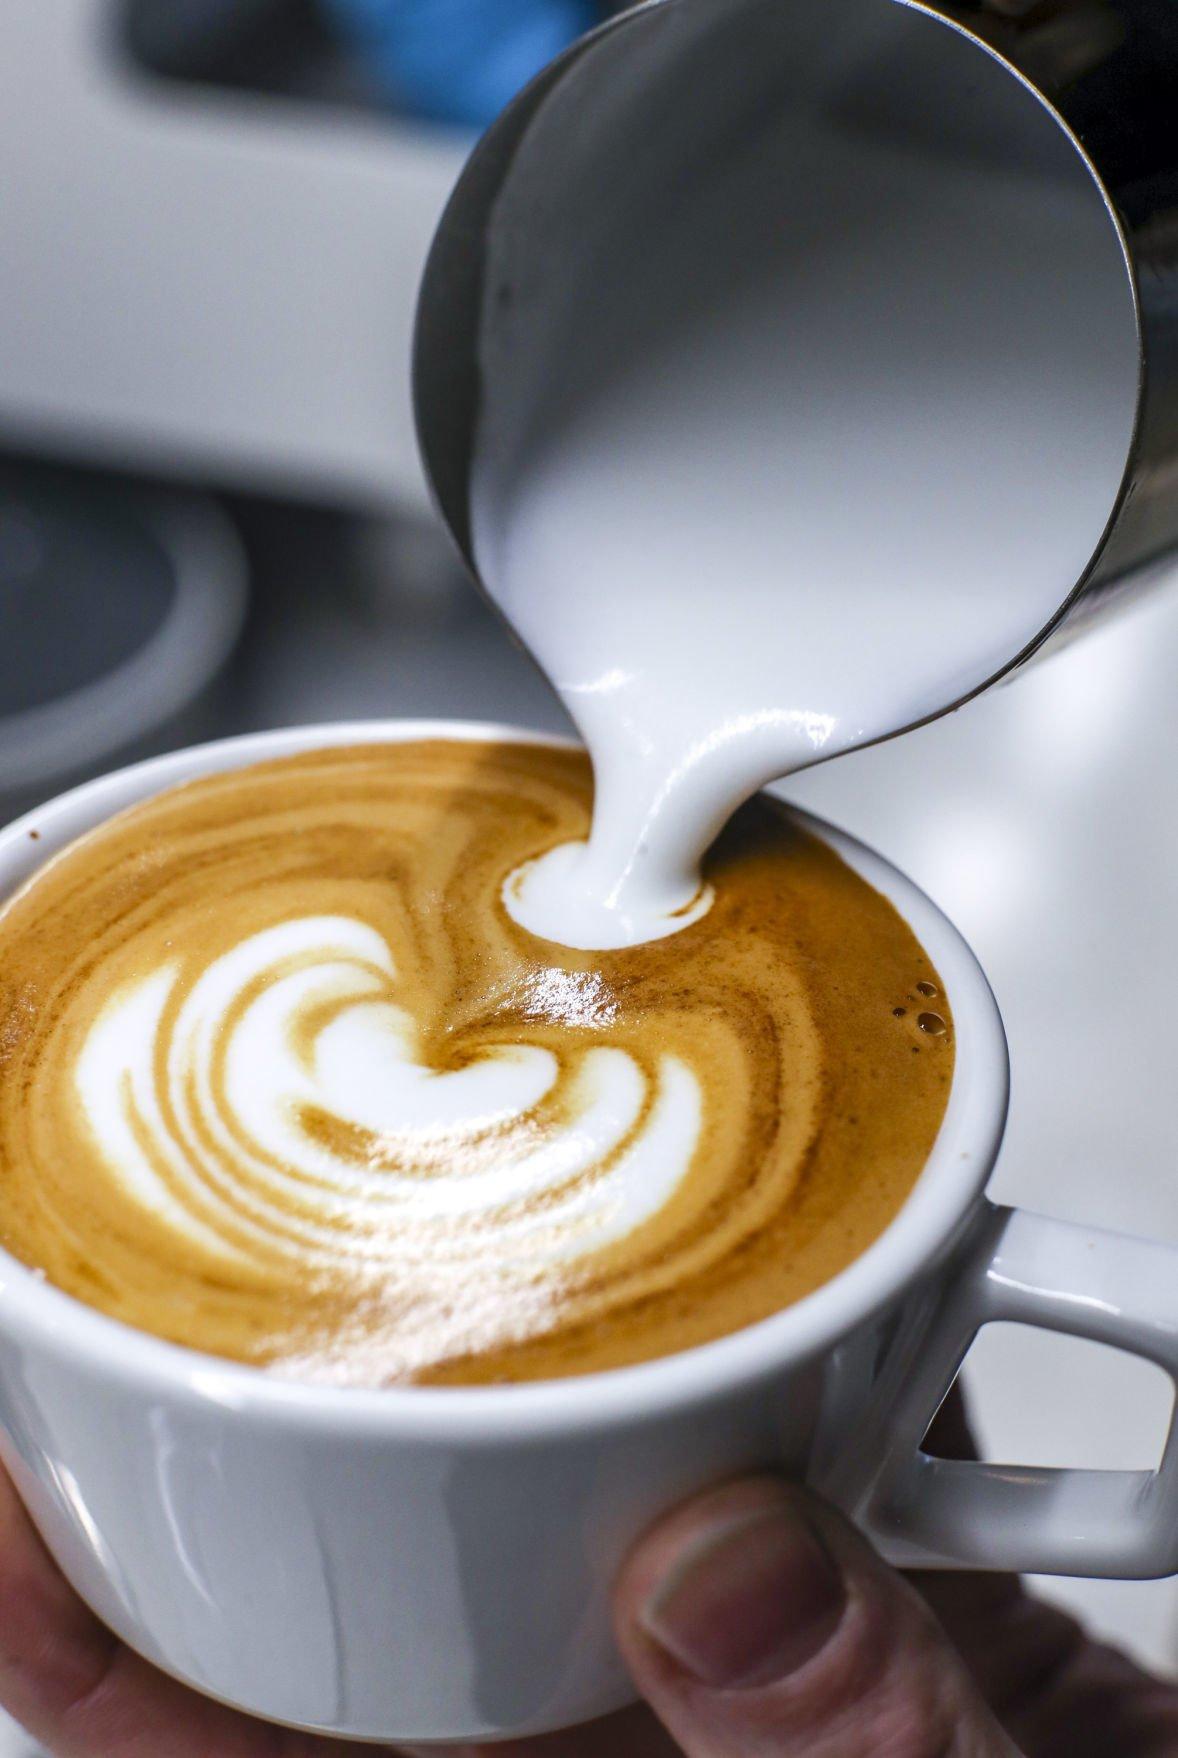 010719-392-coffee-002